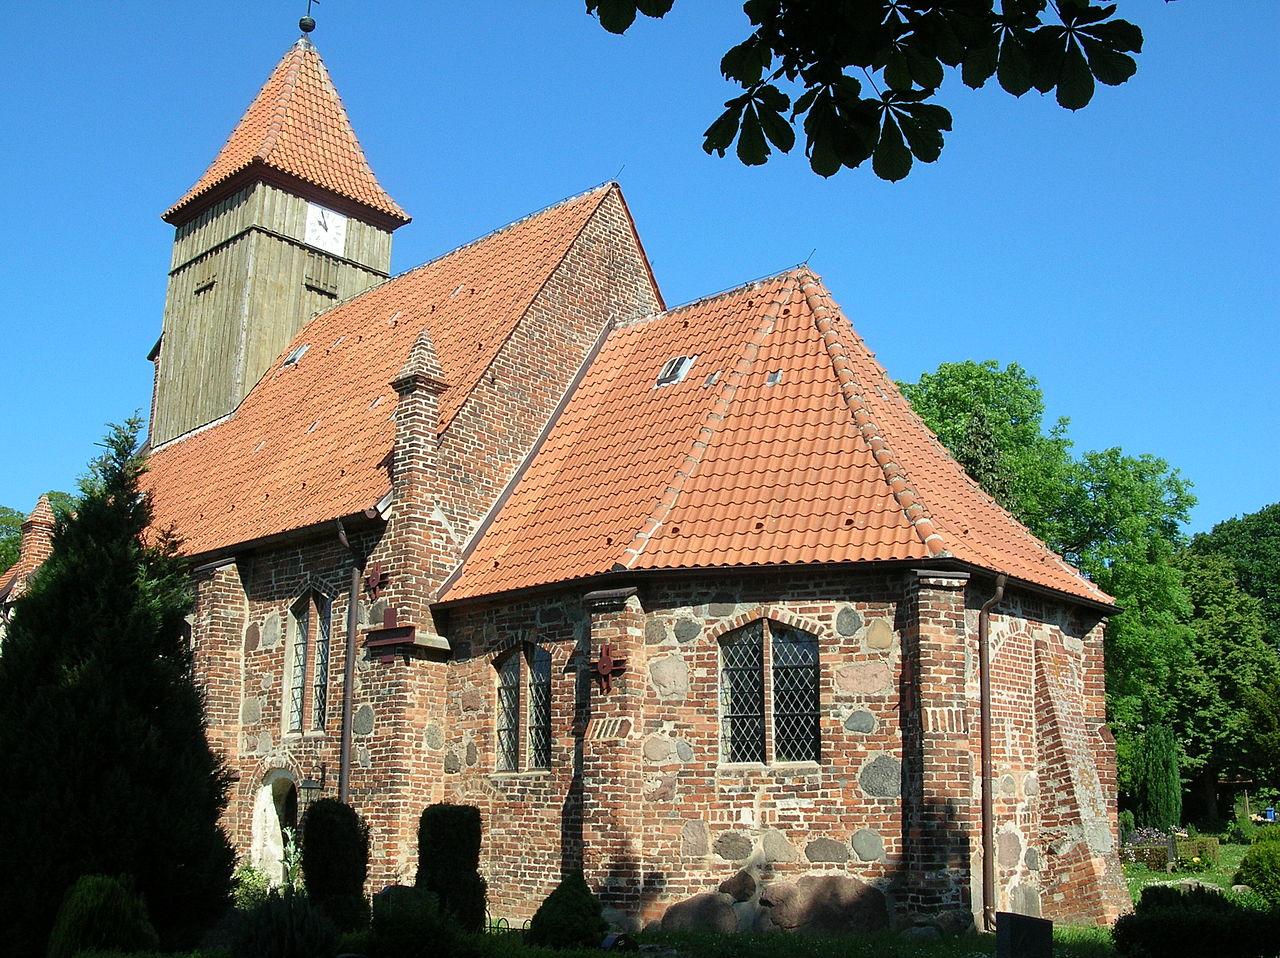 St.-Katharinen-Kirche in Middelhagen